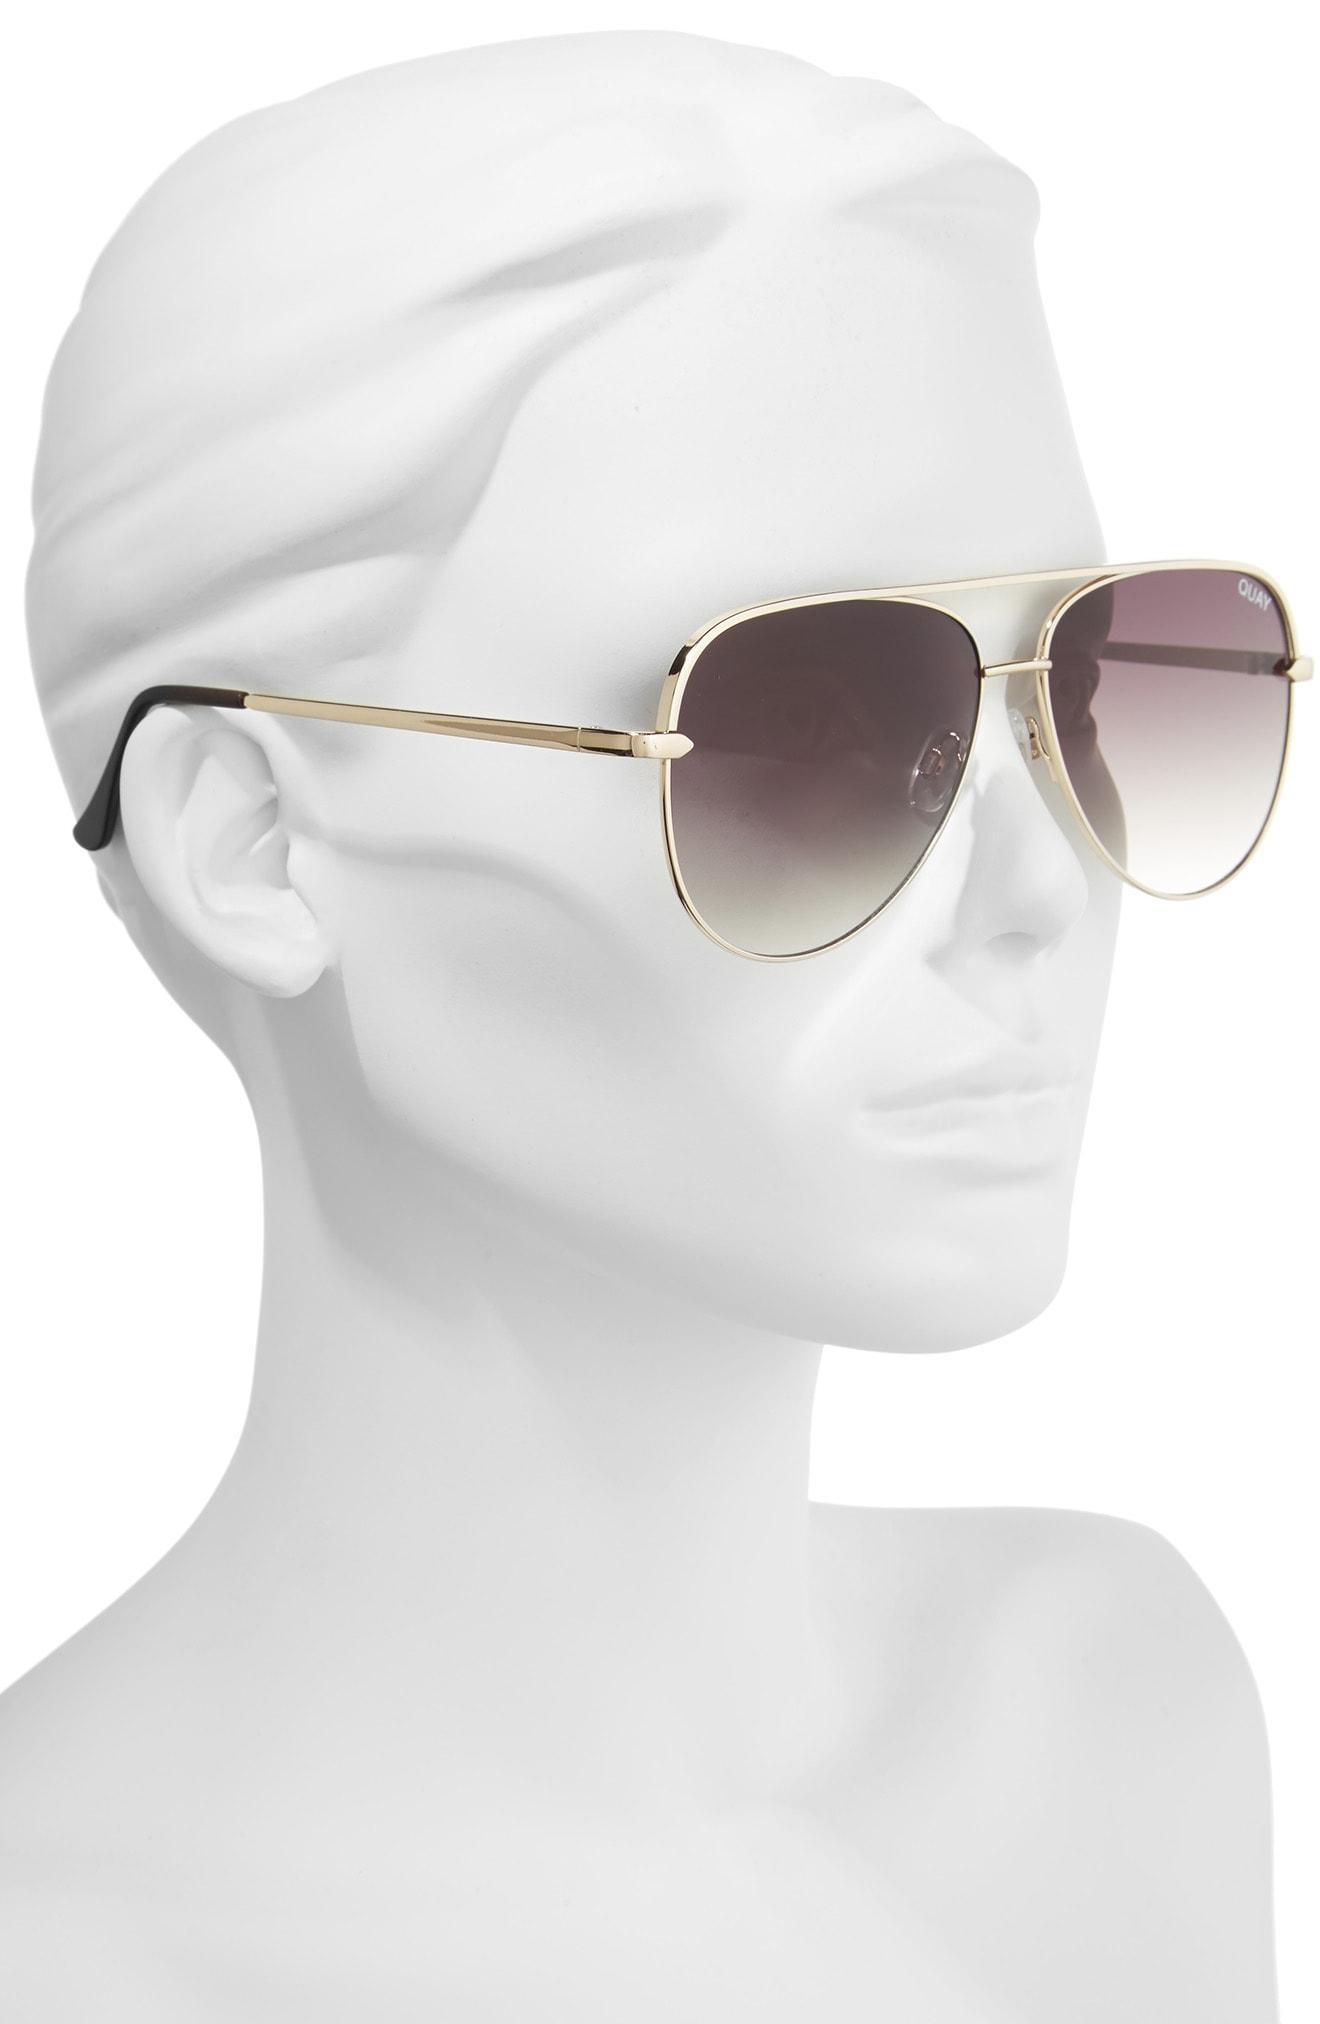 3cca3dd690e Quay X Desi Perkins Sahara 60Mm Aviator Sunglasses - Gold  Smoke ...